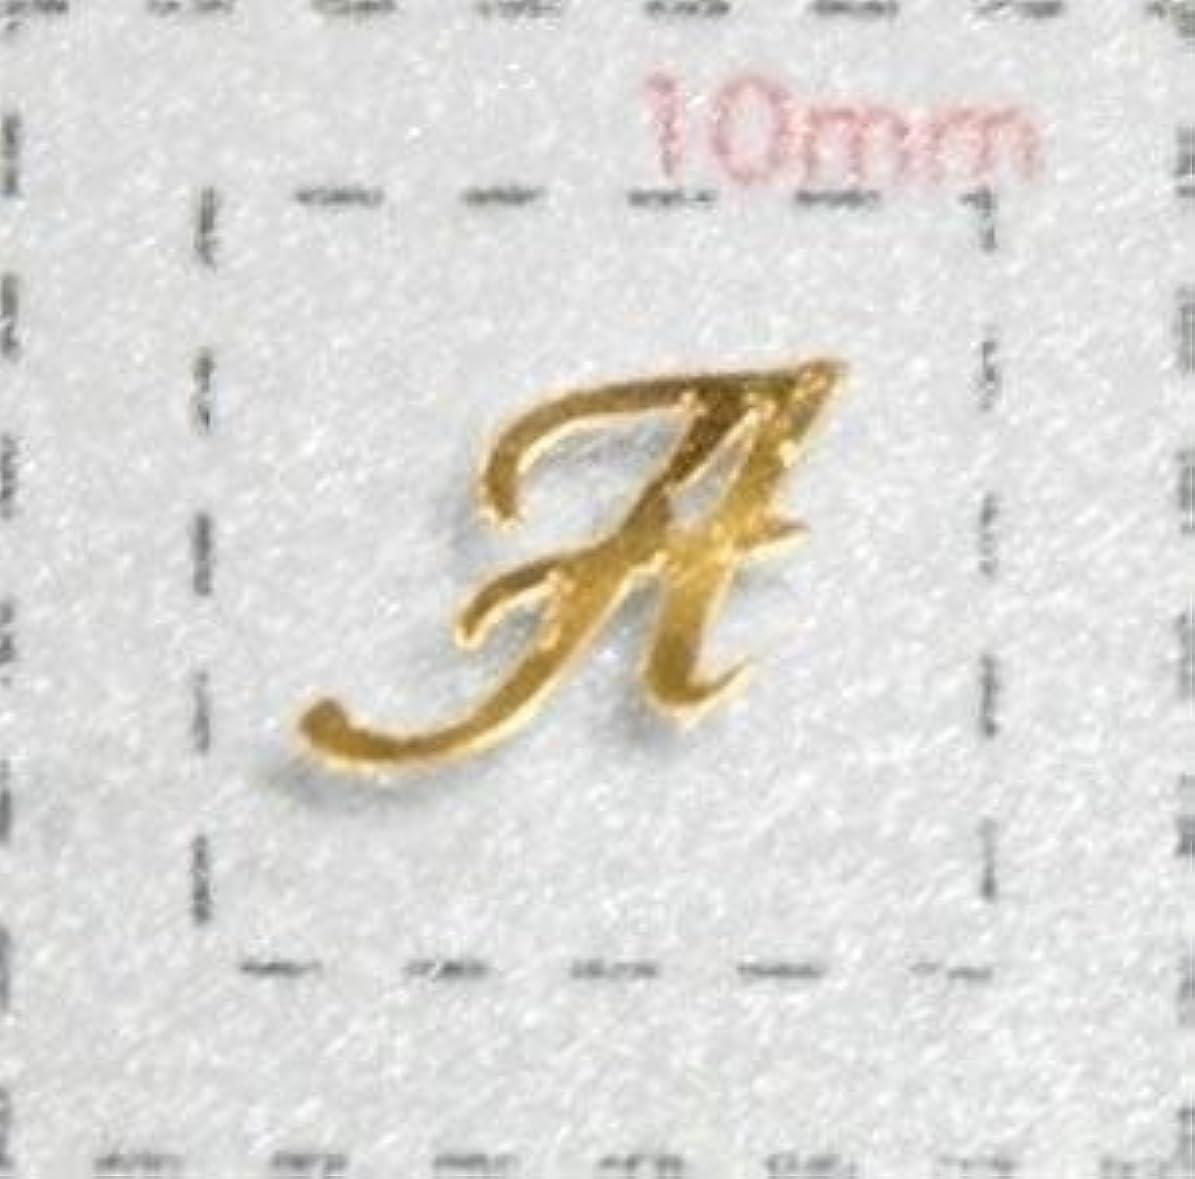 活気づける傾向があります徹底的にNameネイルシール【アルファベット?イニシャル】大文字ゴールド( A )1シート9枚入